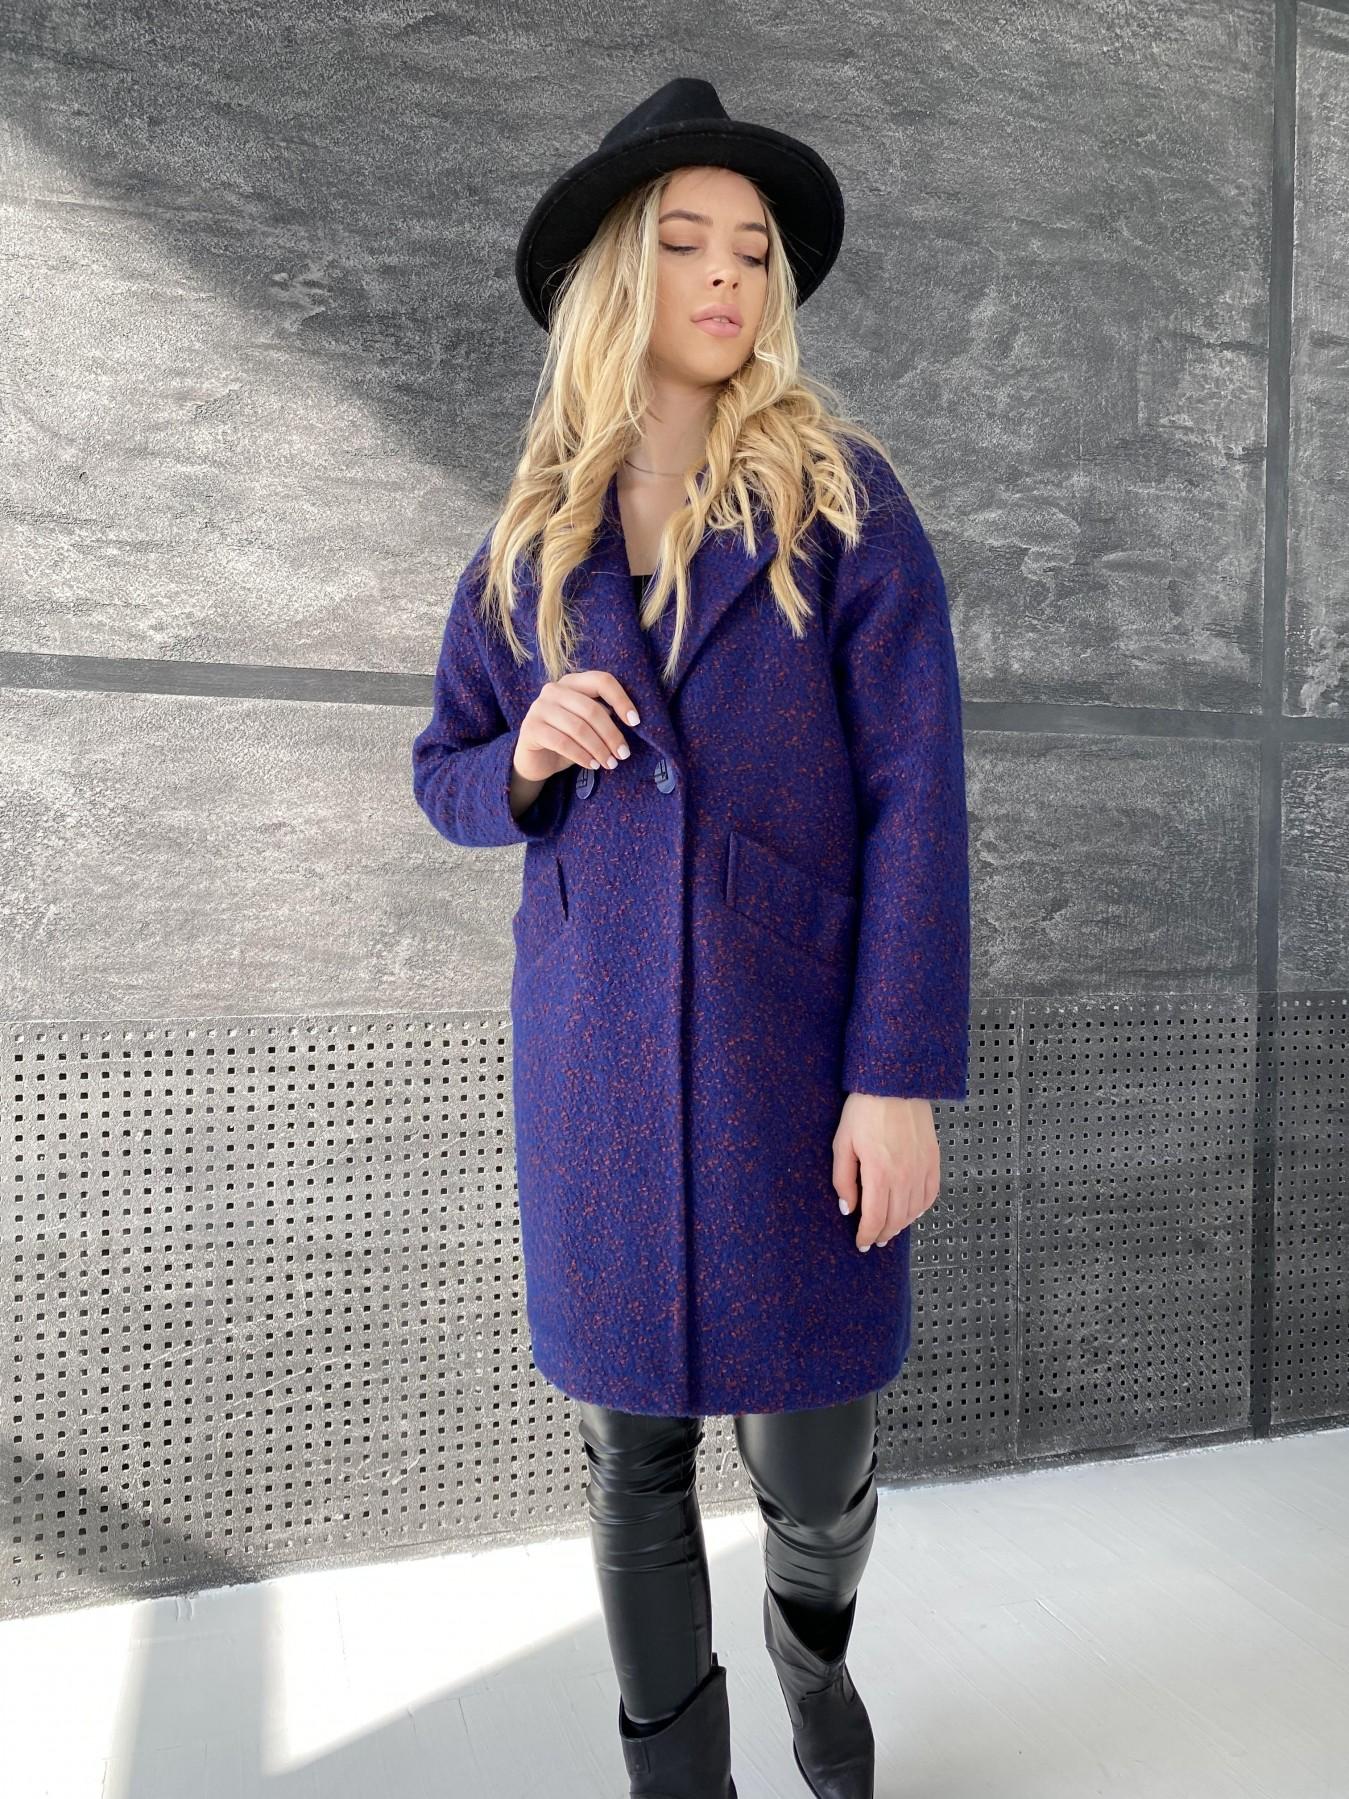 Сенсей пальто из шерсти букле 10780 АРТ. 47237 Цвет: Т.синий марсала 43 - фото 6, интернет магазин tm-modus.ru